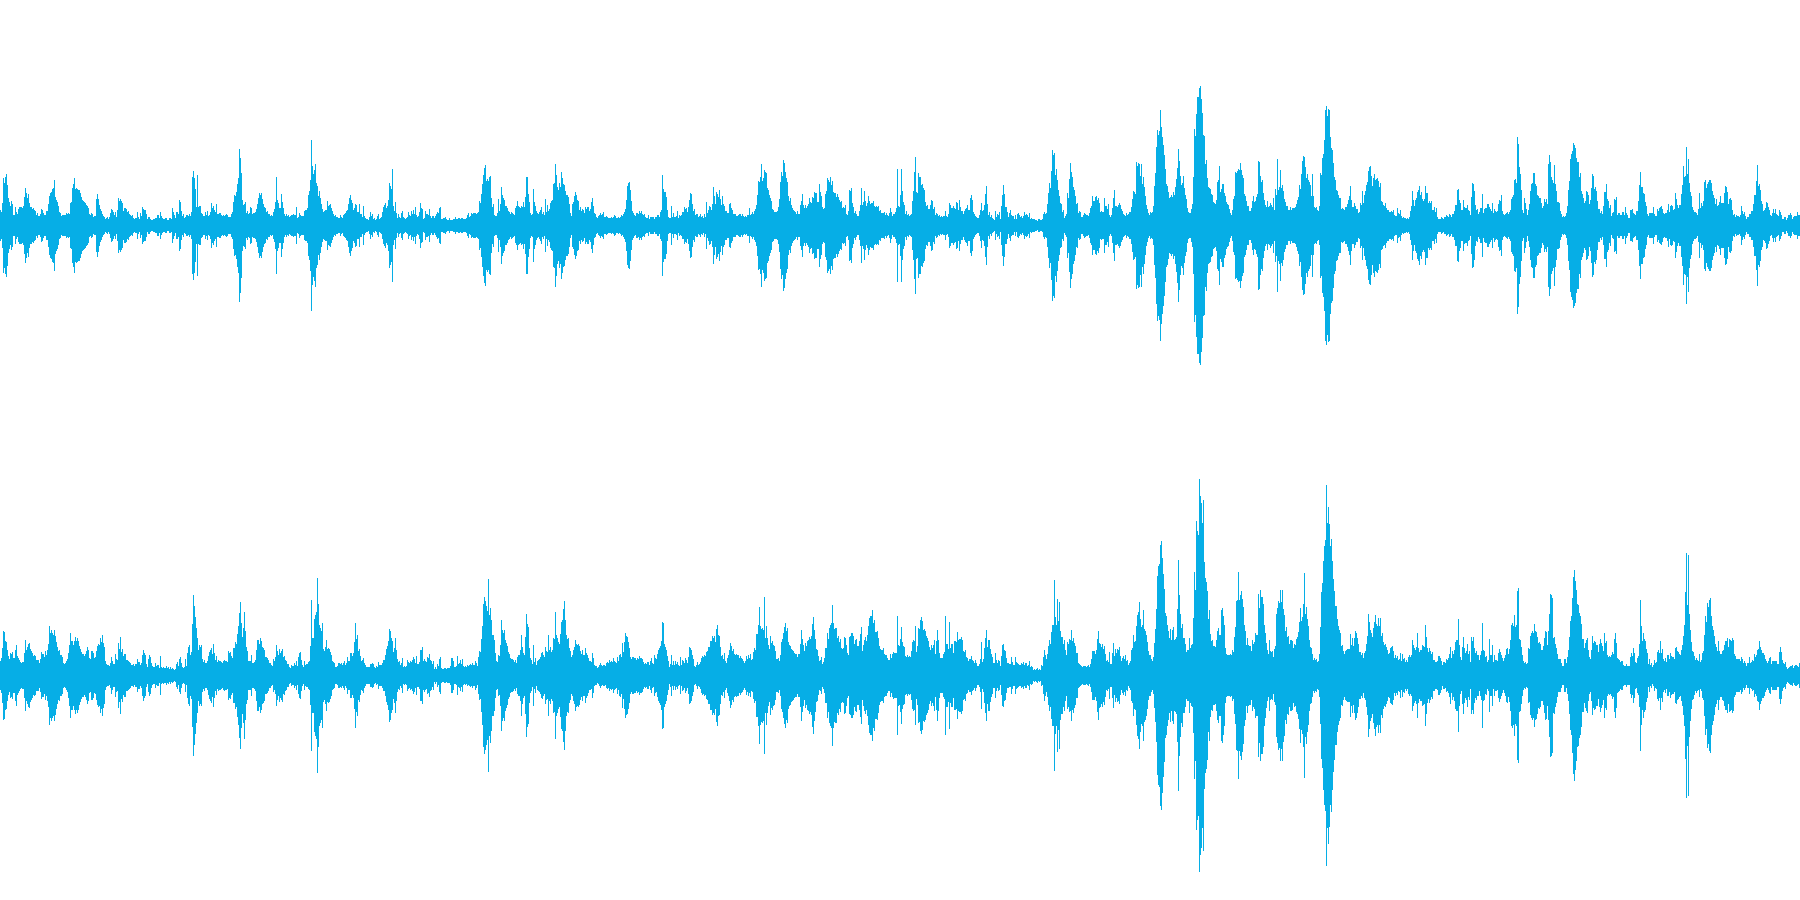 大浜海岸の波の音 10 【徳島】ループの再生済みの波形